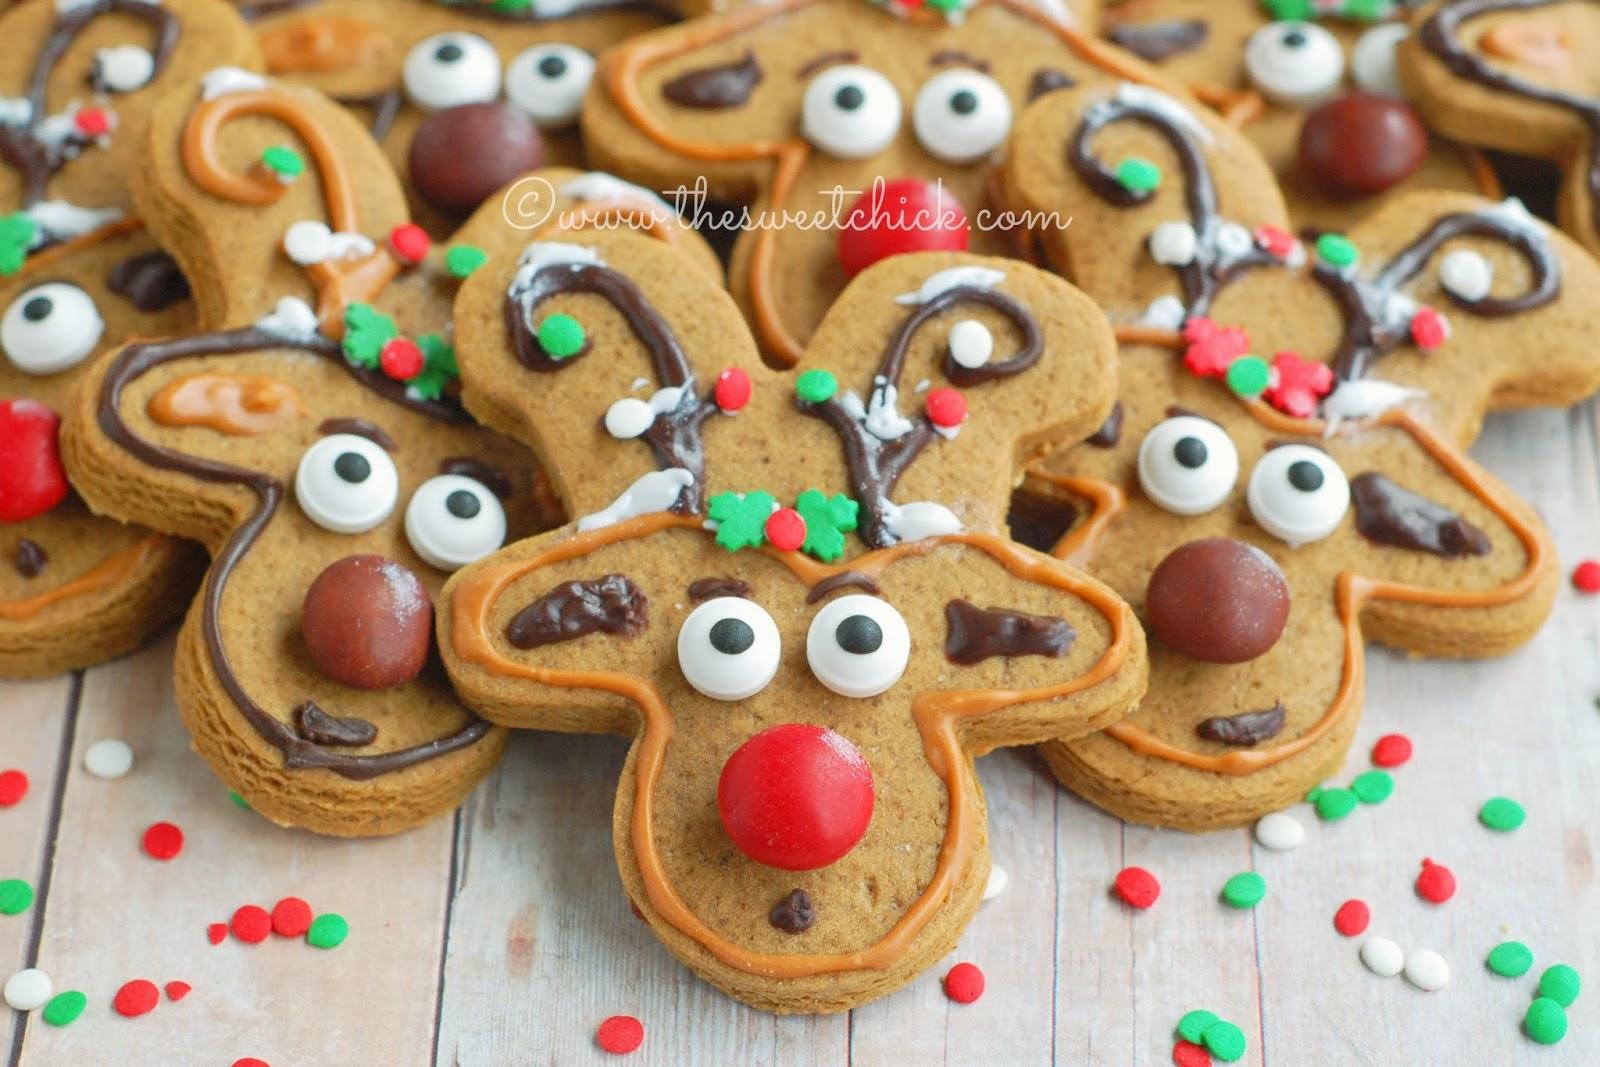 The Sweet Chick Reindeer Gingerbread Cookies